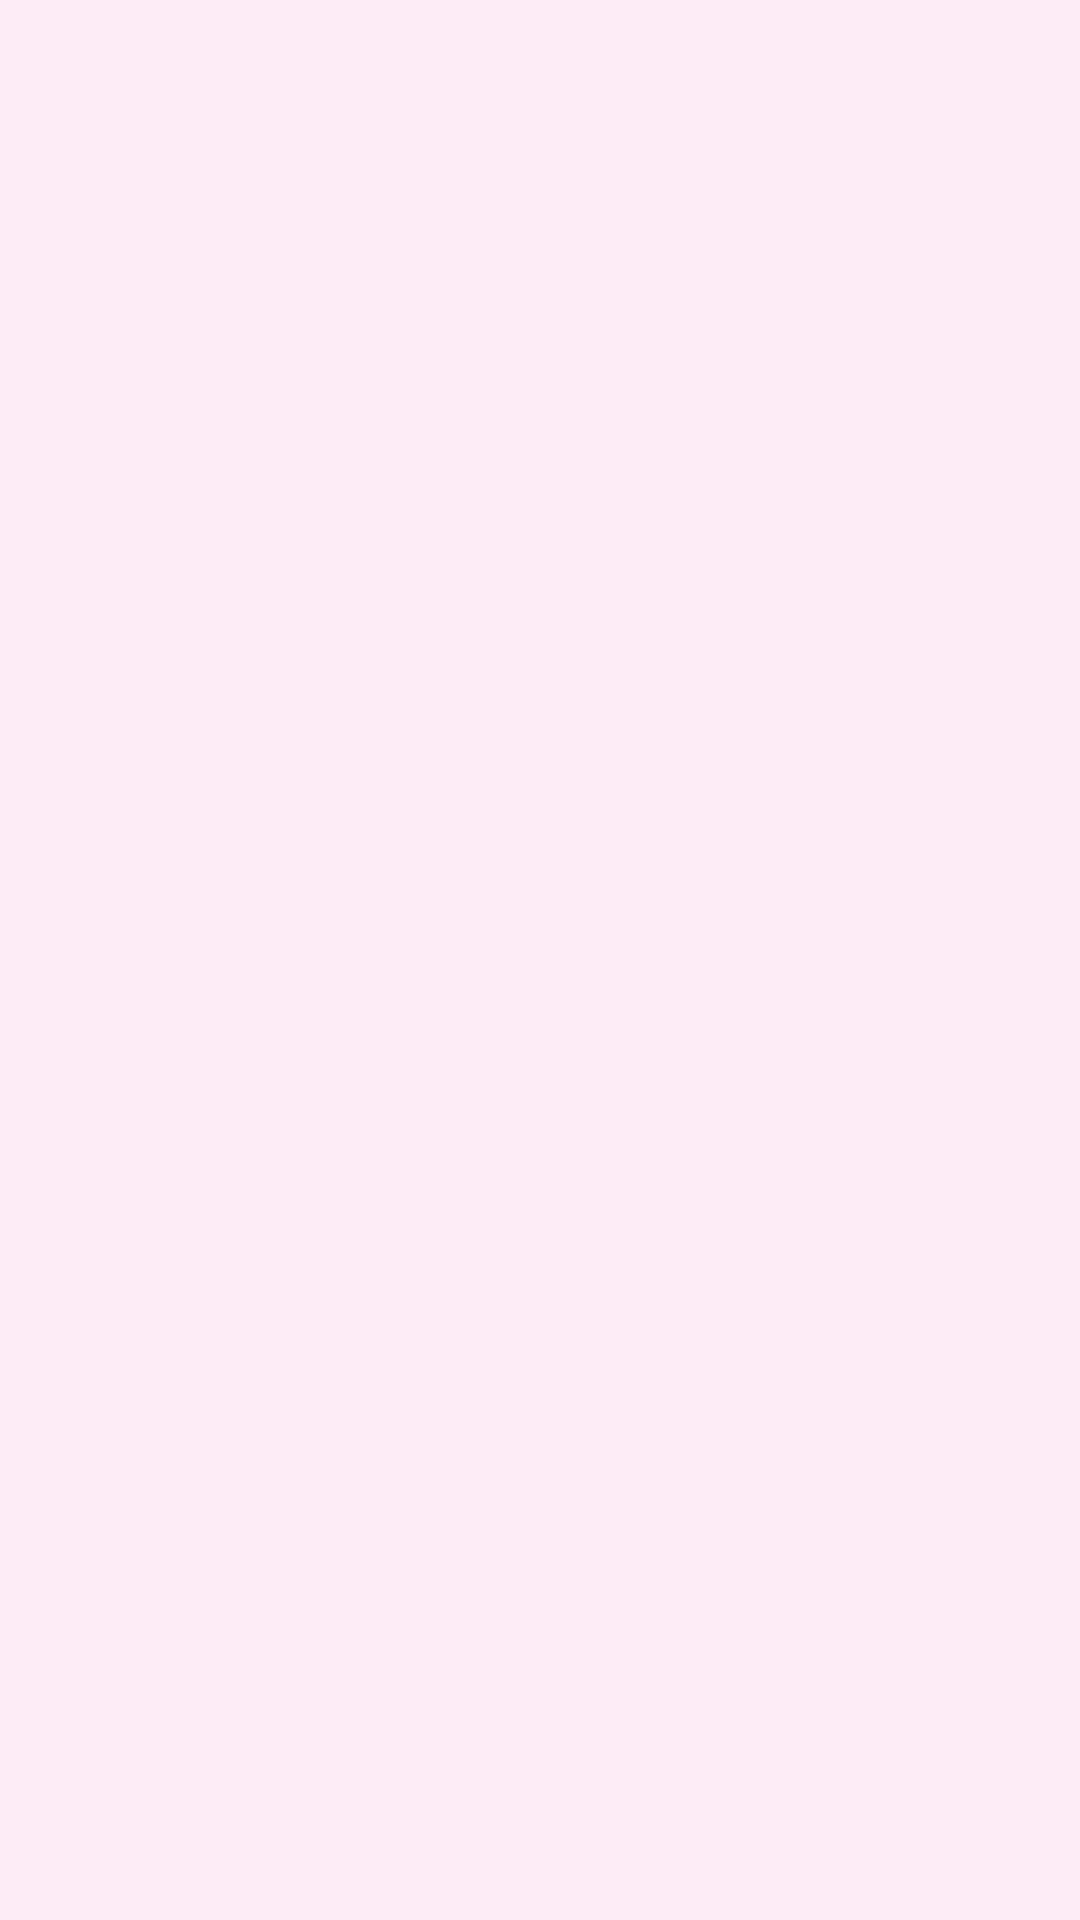 plain light pink wallpaper | phone wallpapers | pinterest | pink